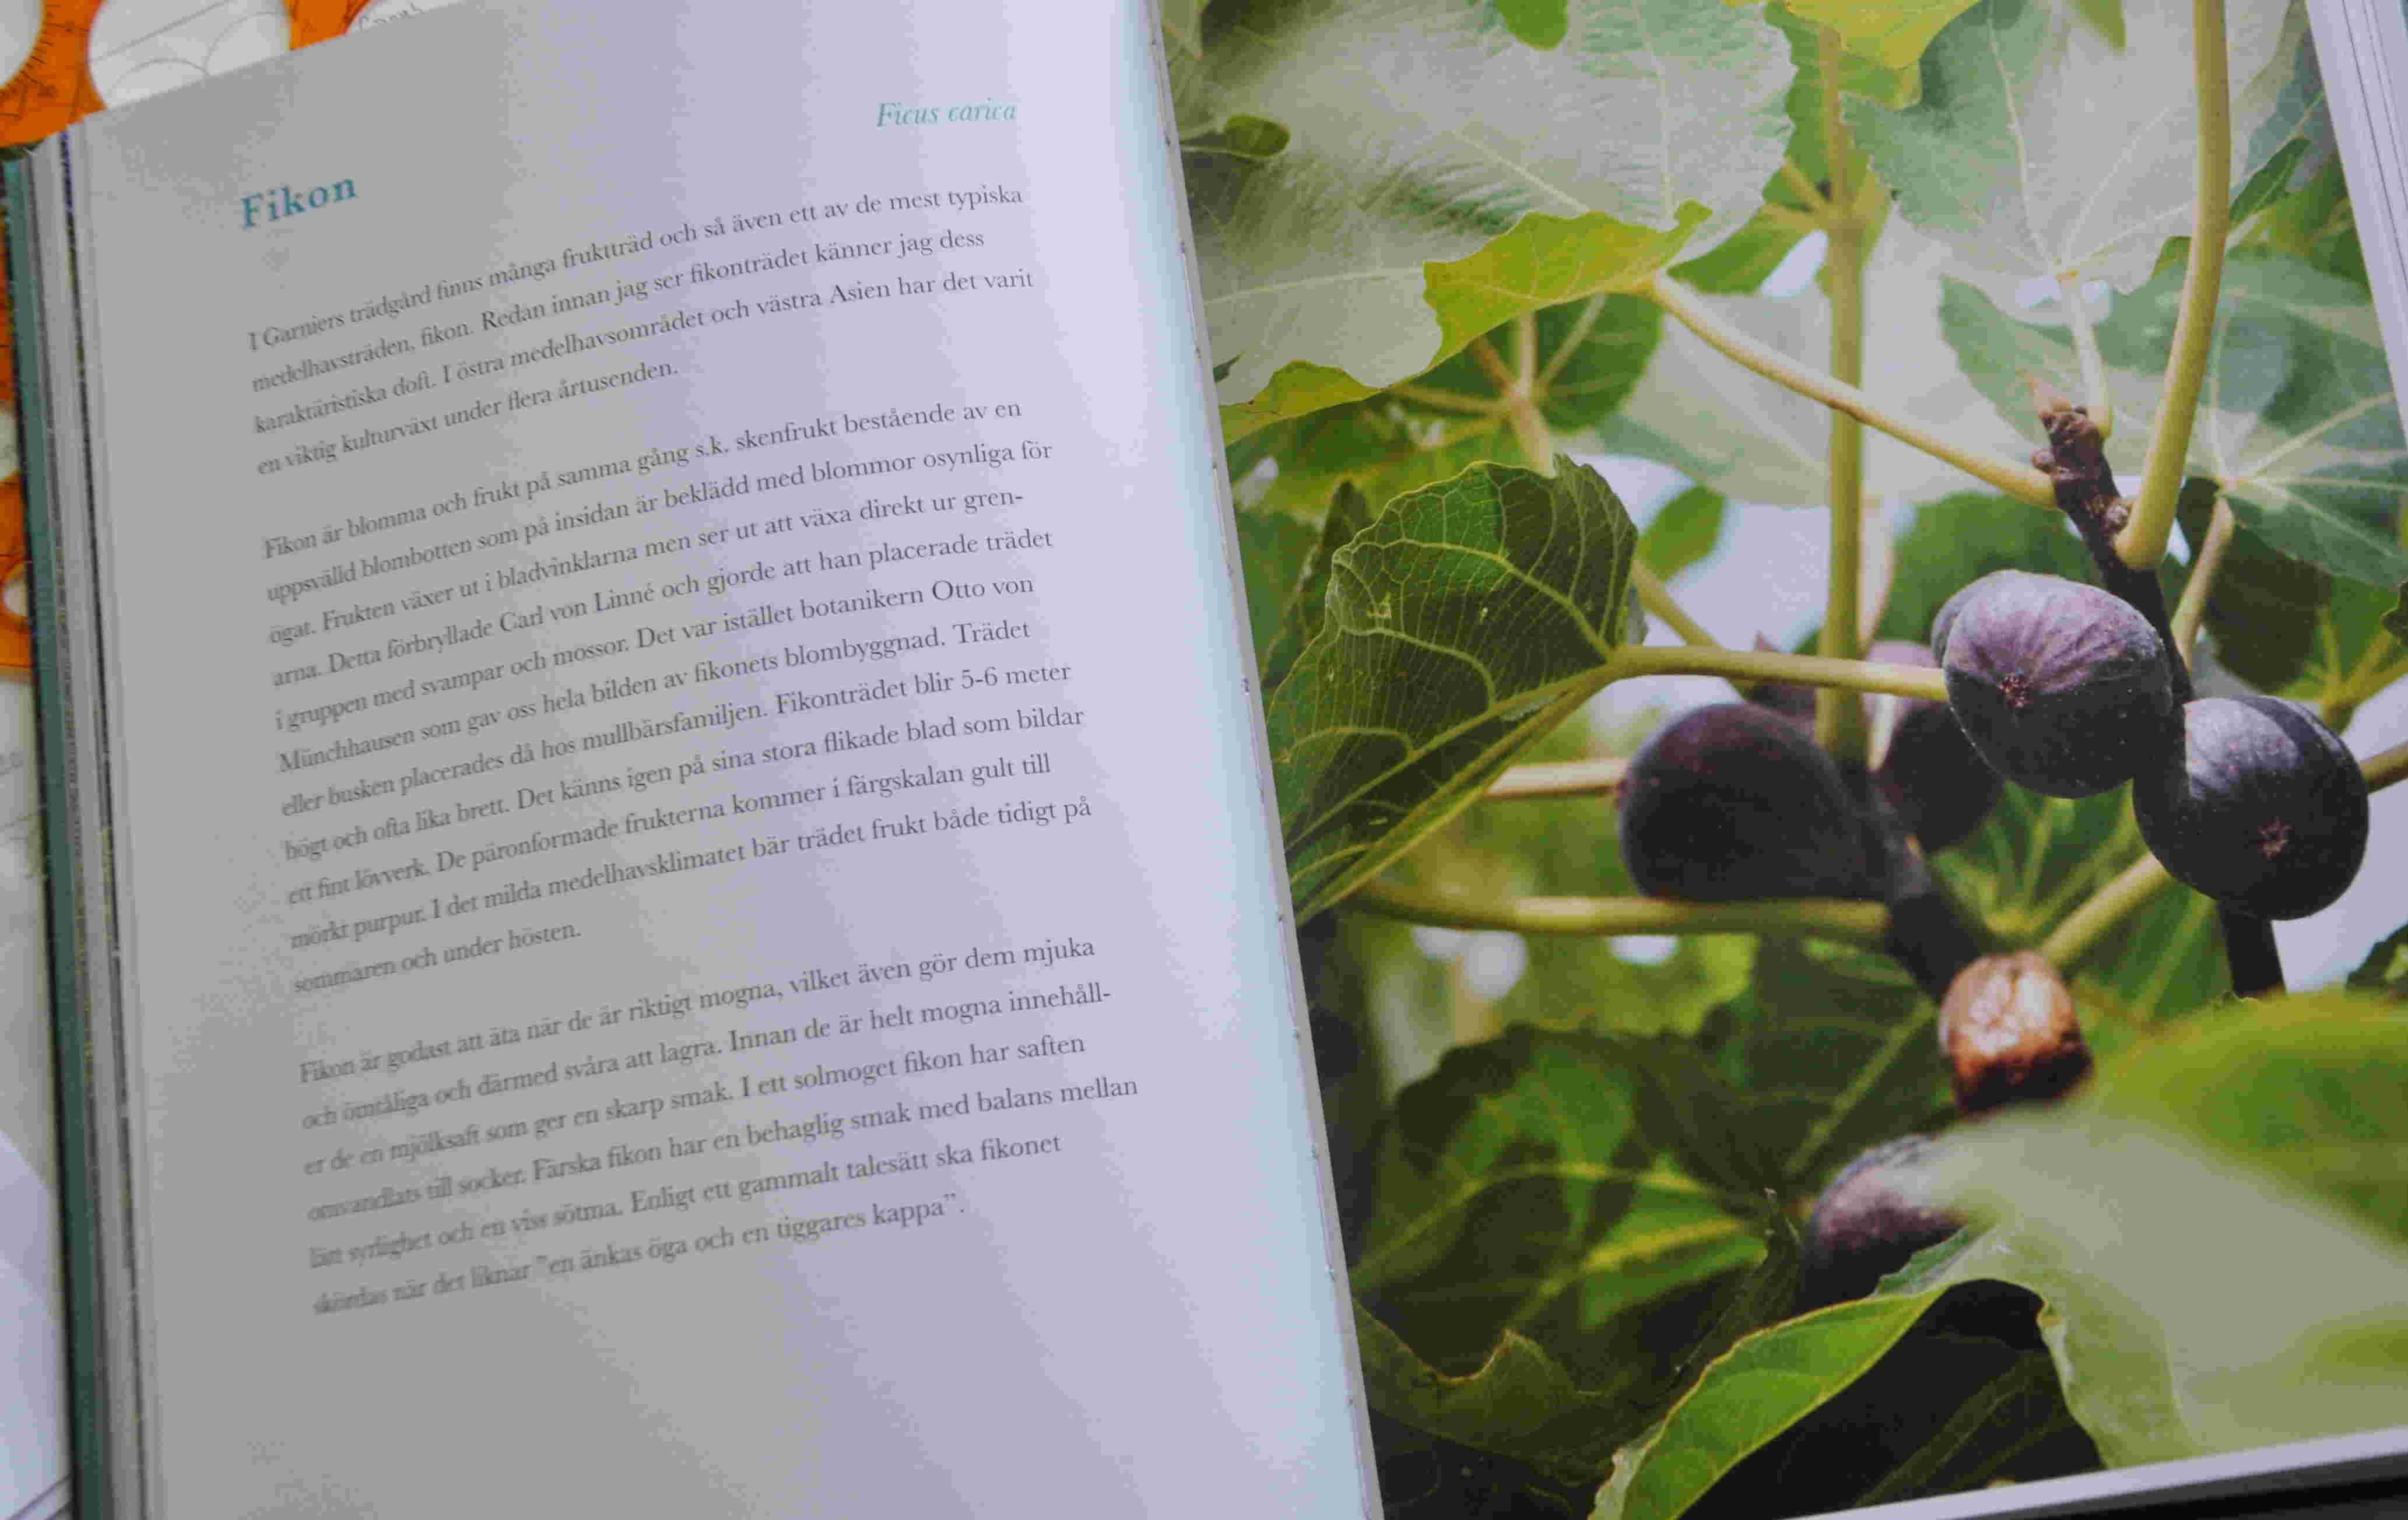 Fikon, citronträd och rosor beskrivs i text med hänsyn till ursprung och namngivning.